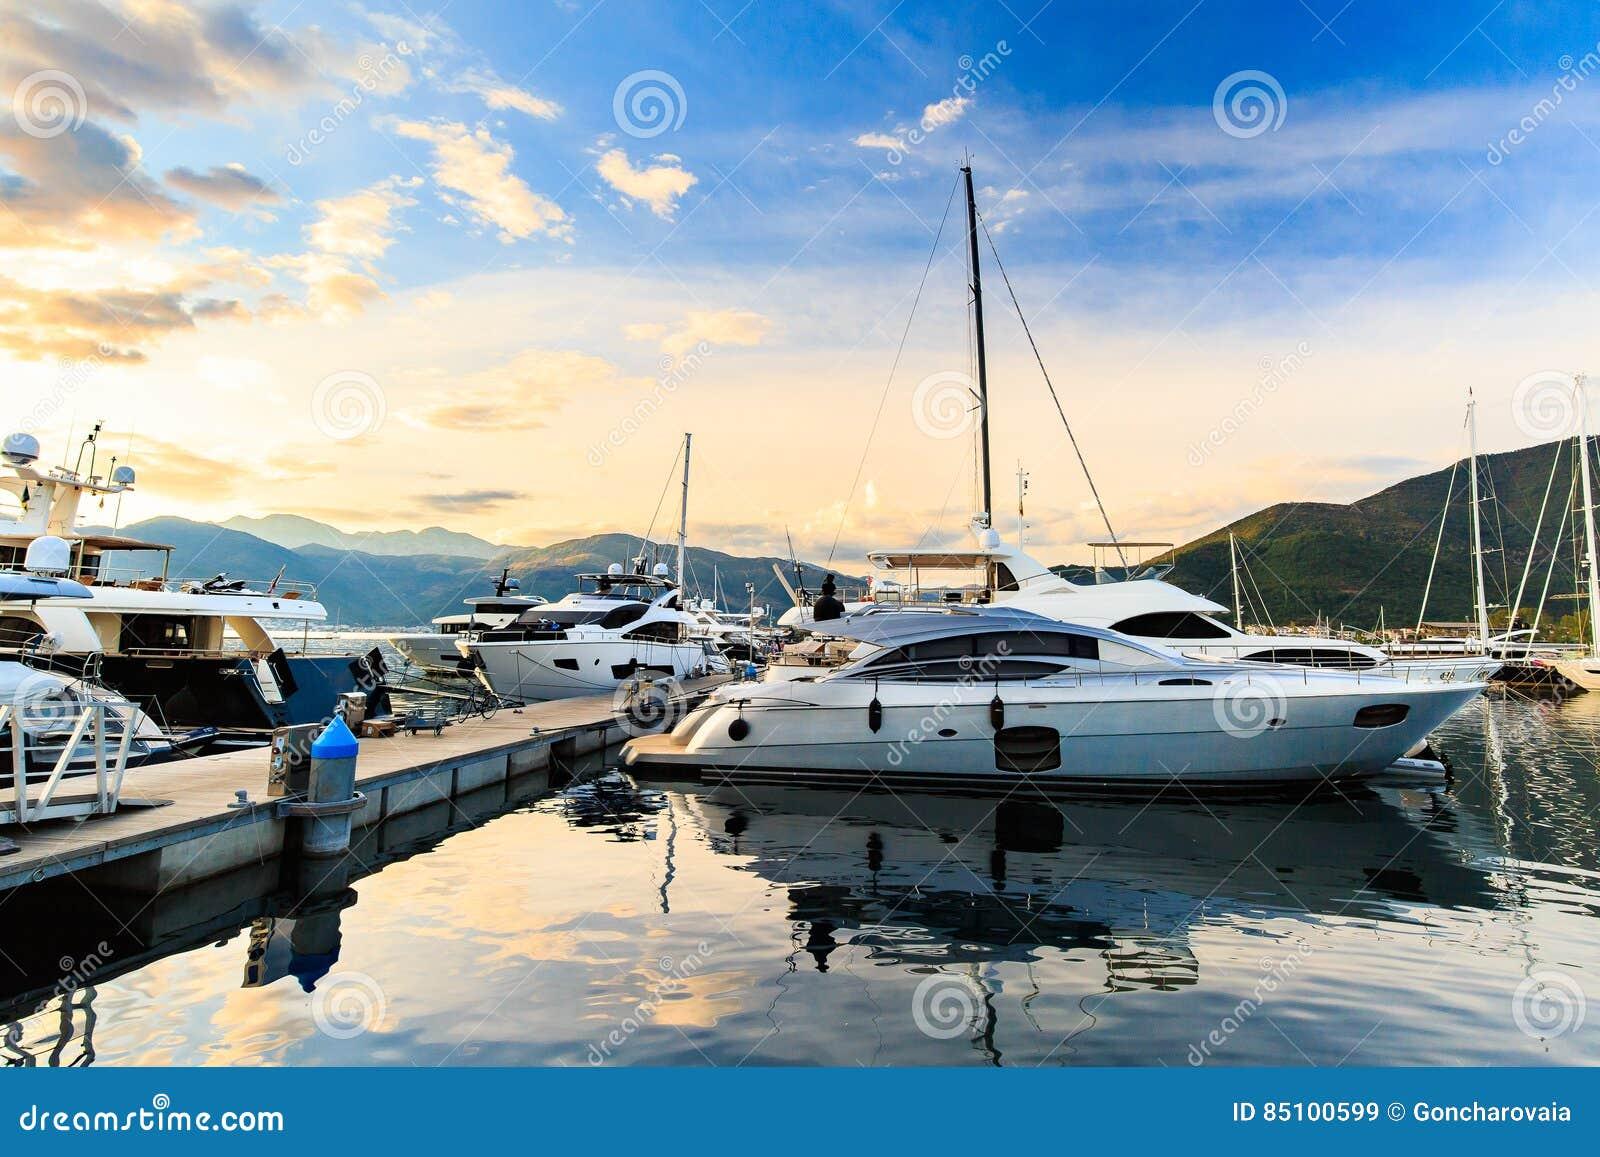 De jachthaven van het luxejacht Haven in Middellandse Zee bij zonsondergang